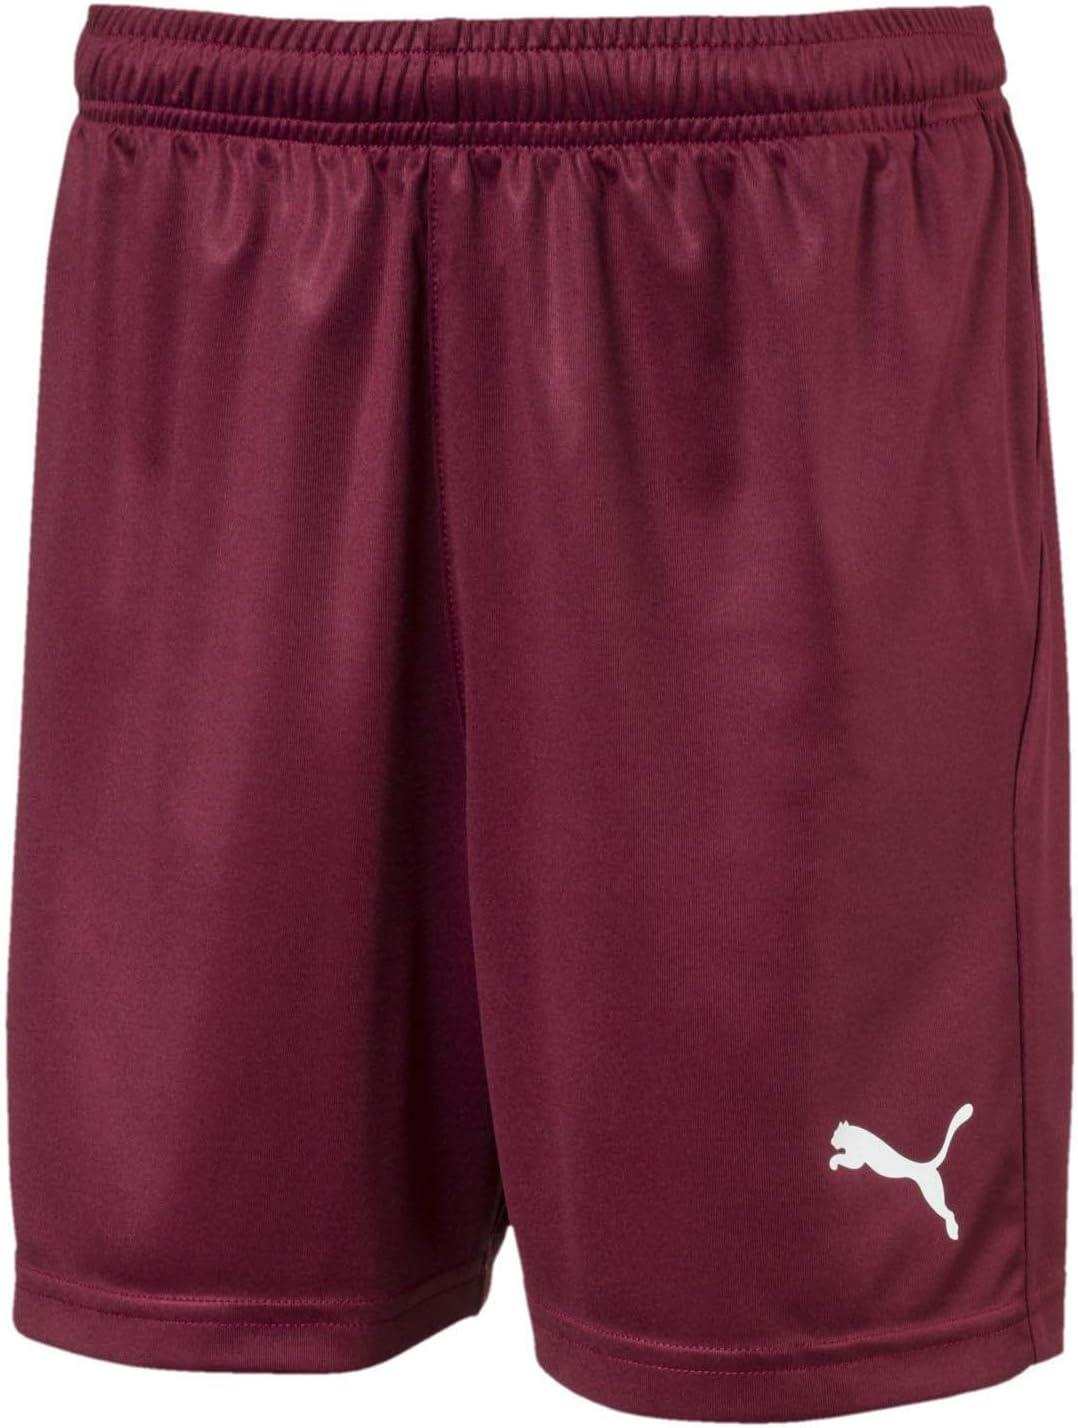 PUMA Men's Liga Shorts Core Jr